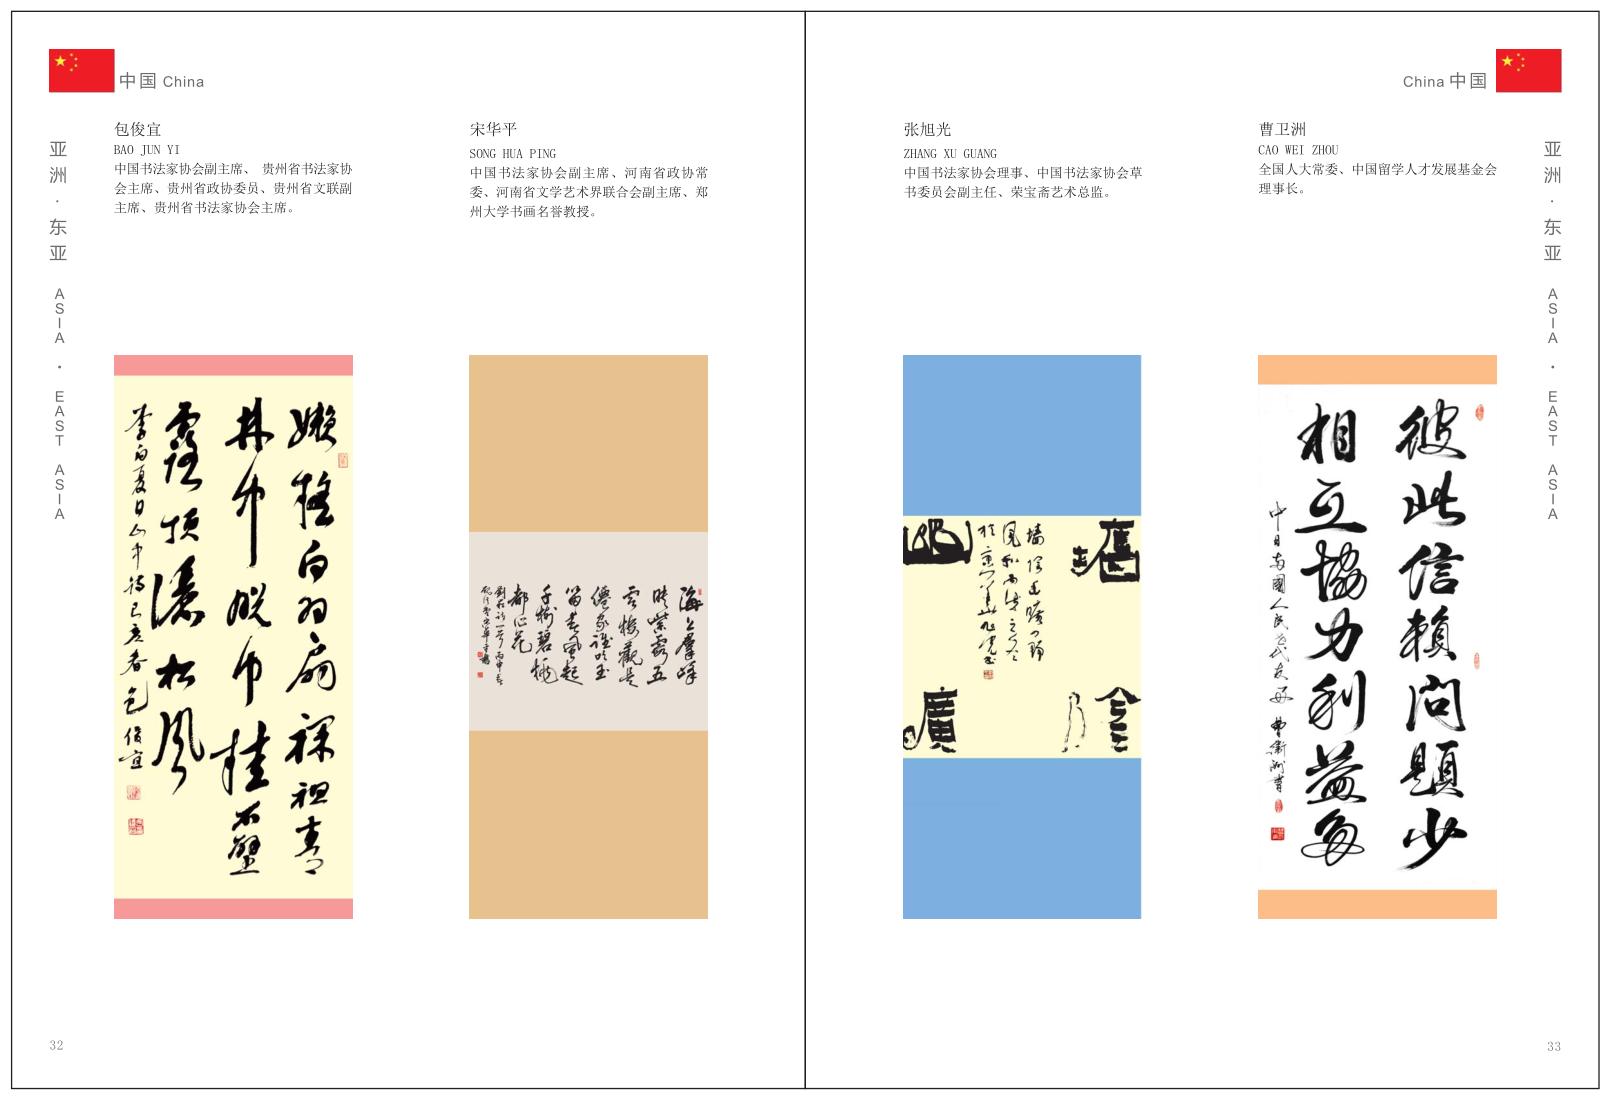 191页2_18.png